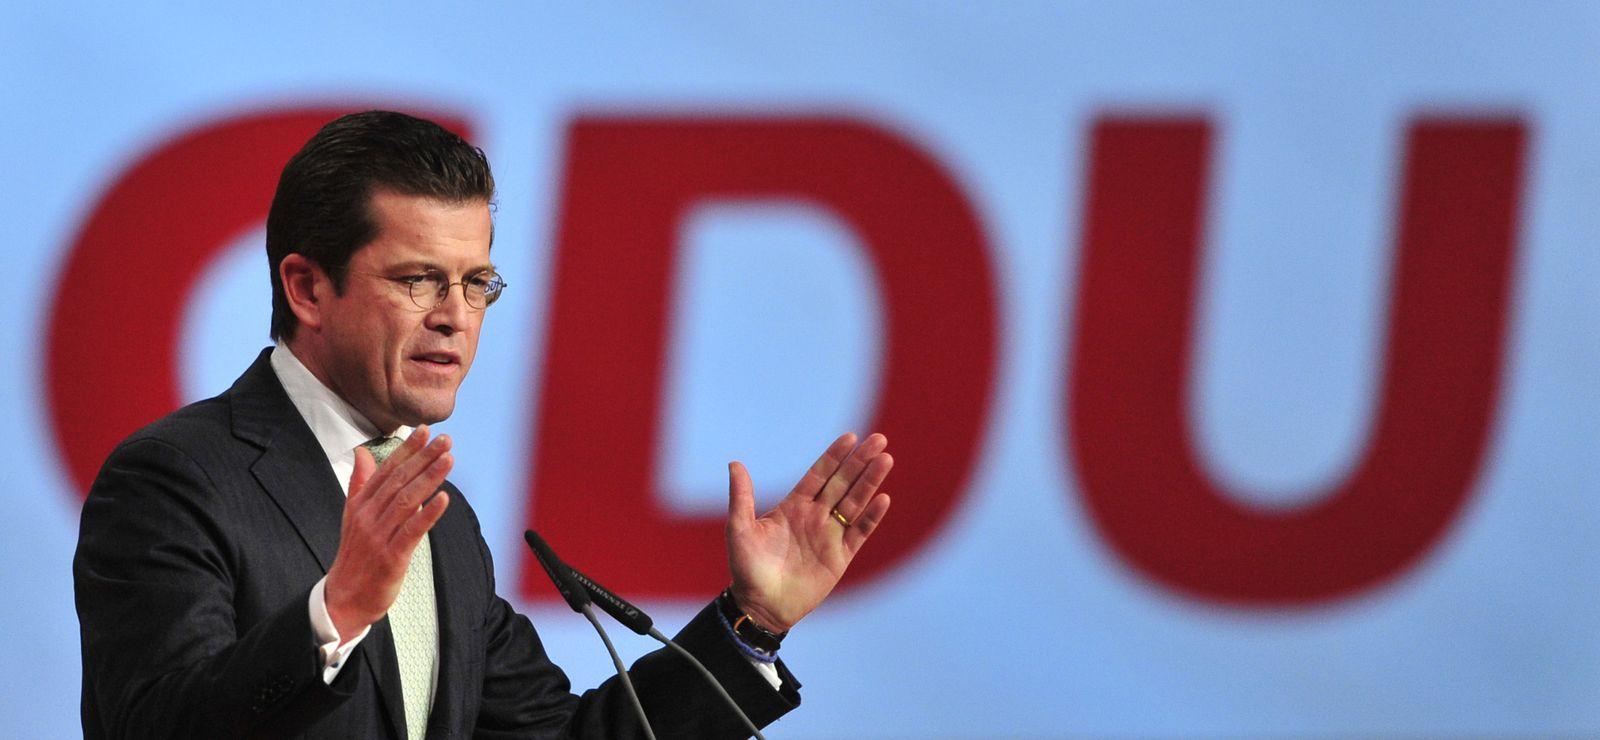 Guttenberg CDU-Parteitag